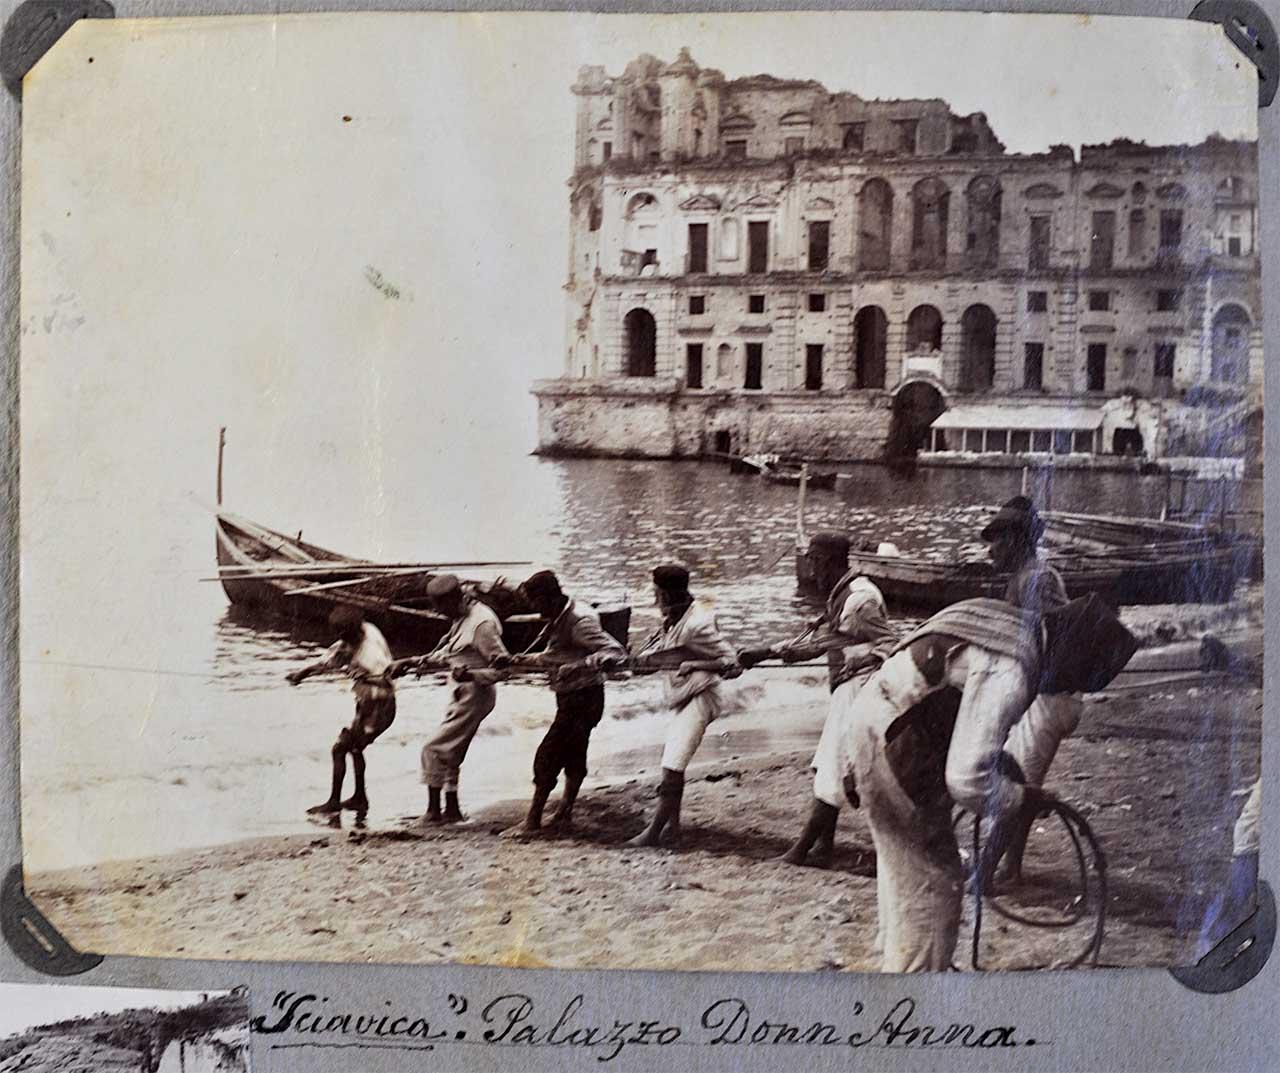 Napoli. Posillipo. Pescatori ritirano le reti sull'arenile, sullo sfondo di Palazzo Donn'Anna, albumina, 1880 ca. dett. (SNSP, Album D'Amato)